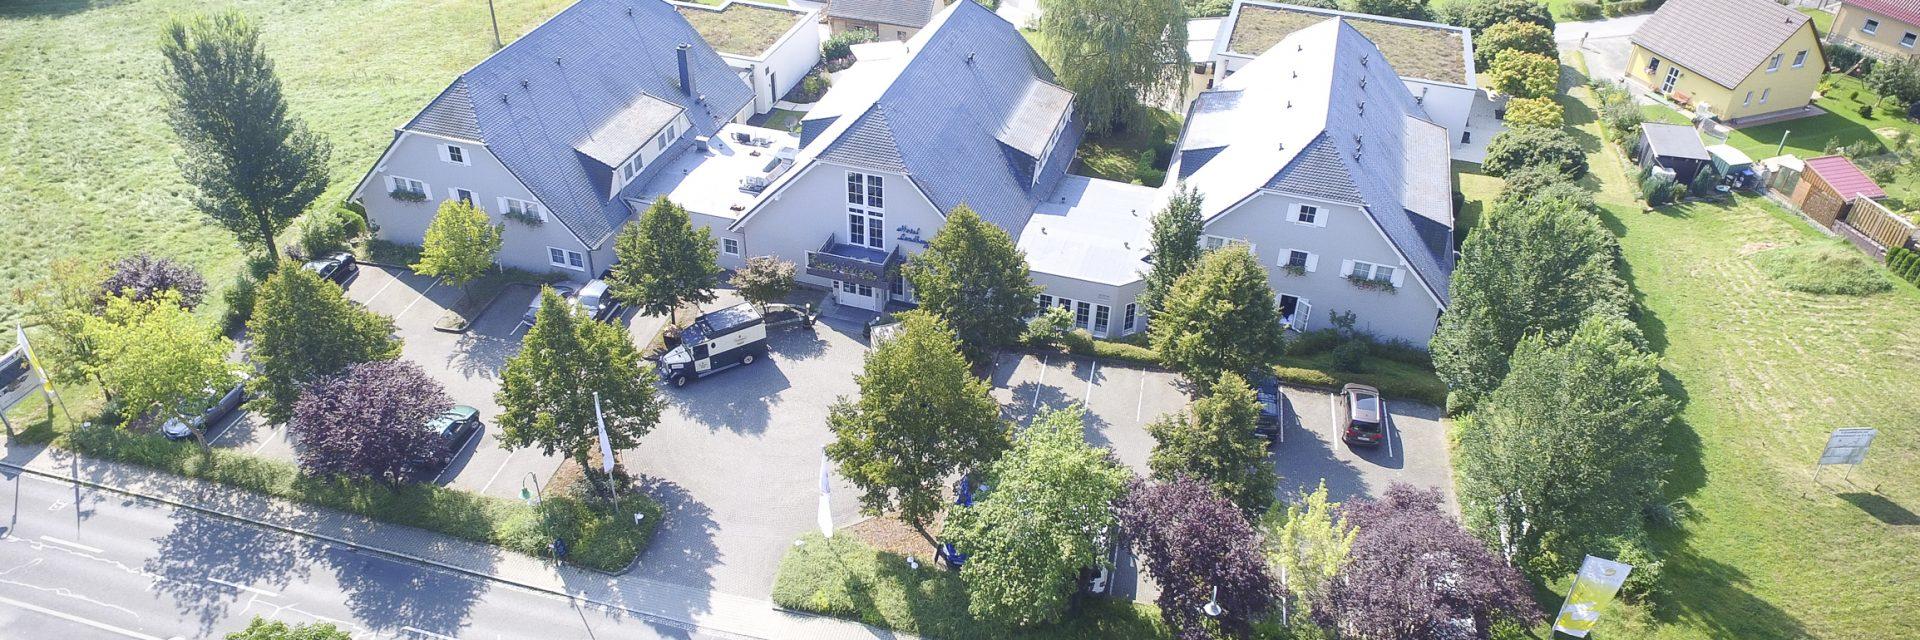 Das Landhaus Nicolai als Location für Ihre Hochzeitsfeier mitten in der Sächsischen Schweiz!